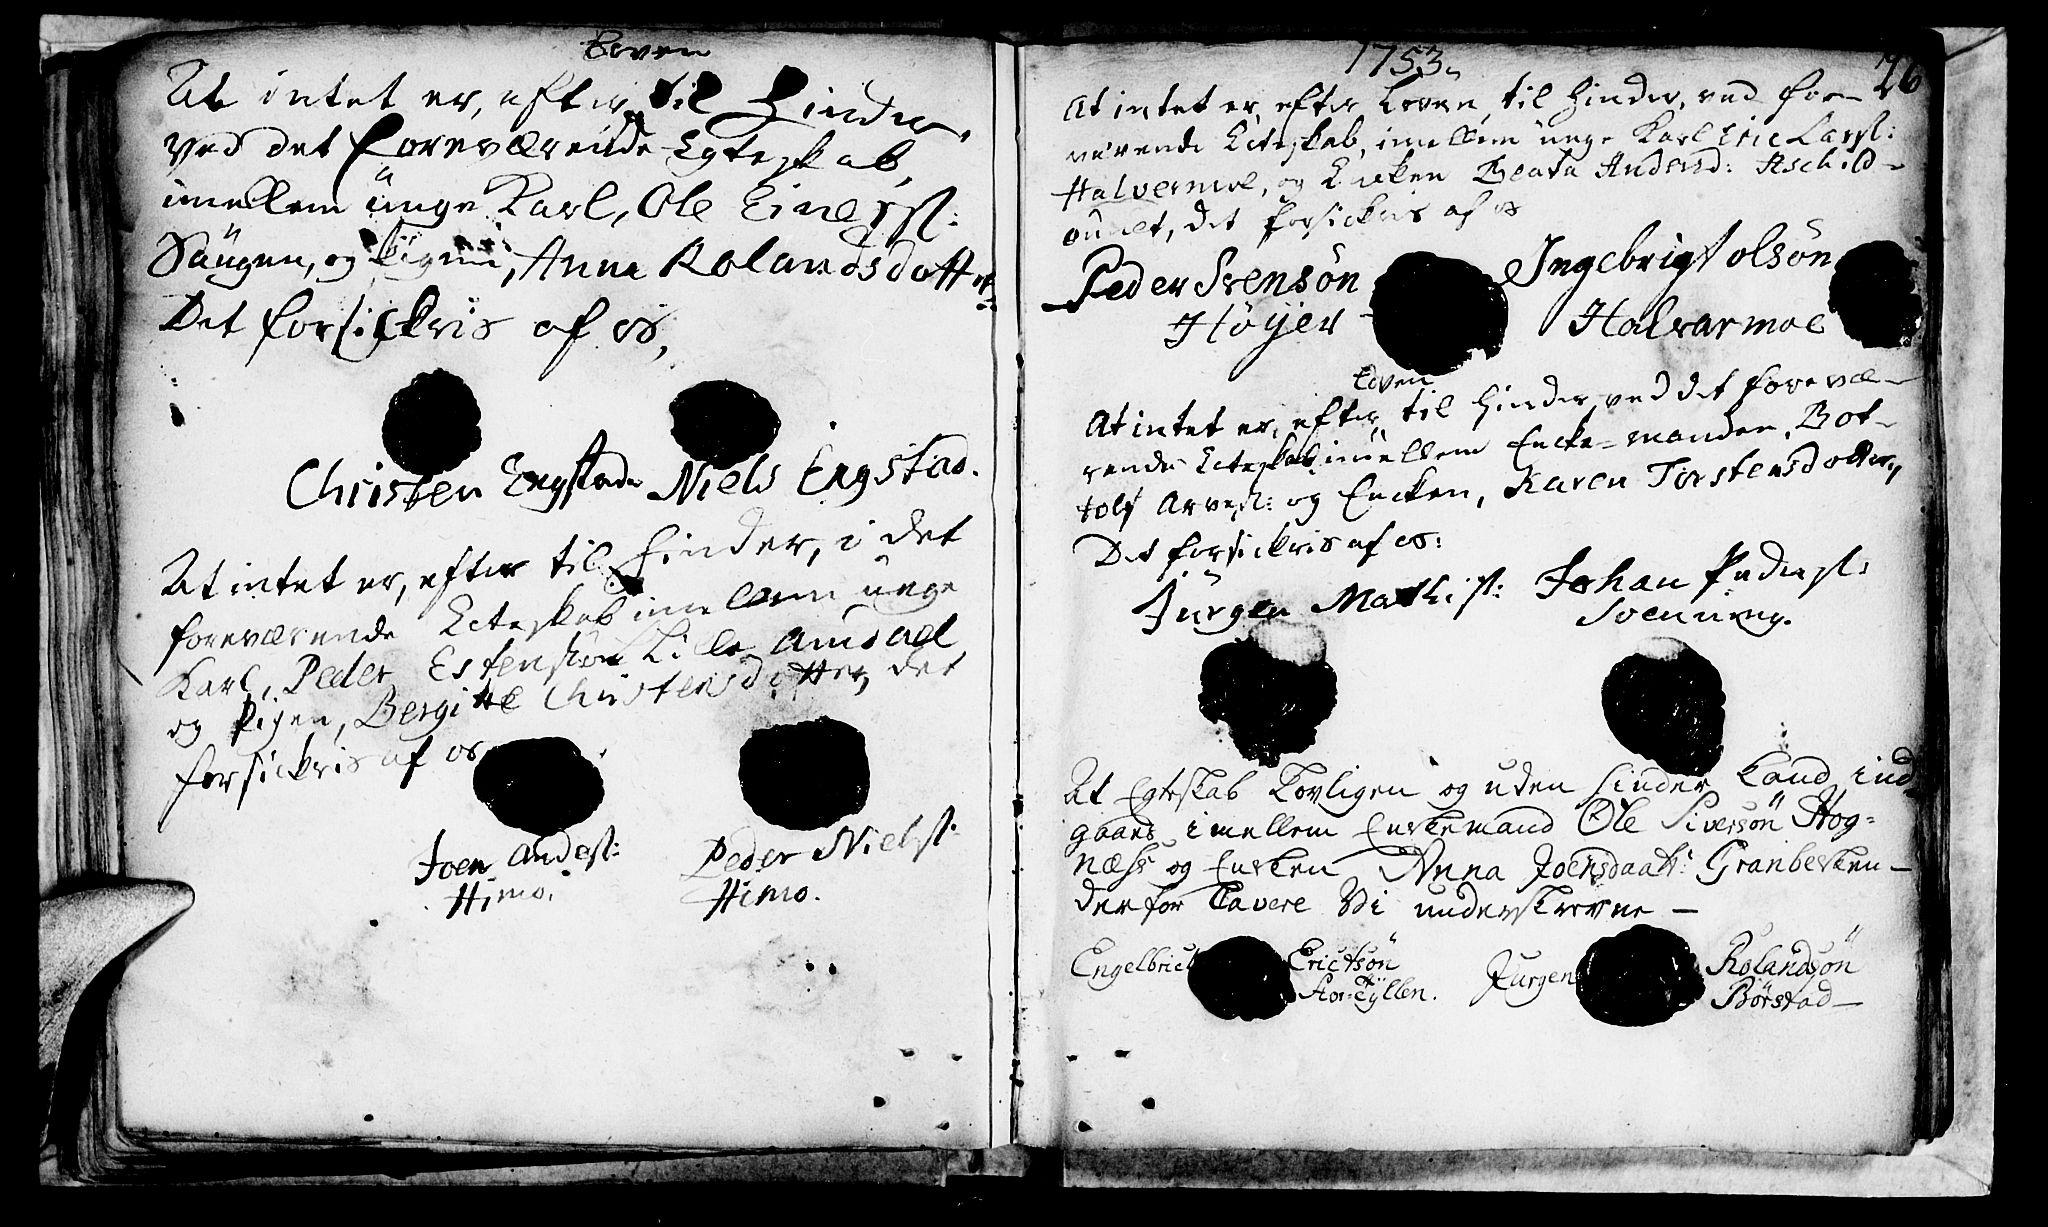 SAT, Ministerialprotokoller, klokkerbøker og fødselsregistre - Nord-Trøndelag, 764/L0541: Ministerialbok nr. 764A01, 1745-1758, s. 26